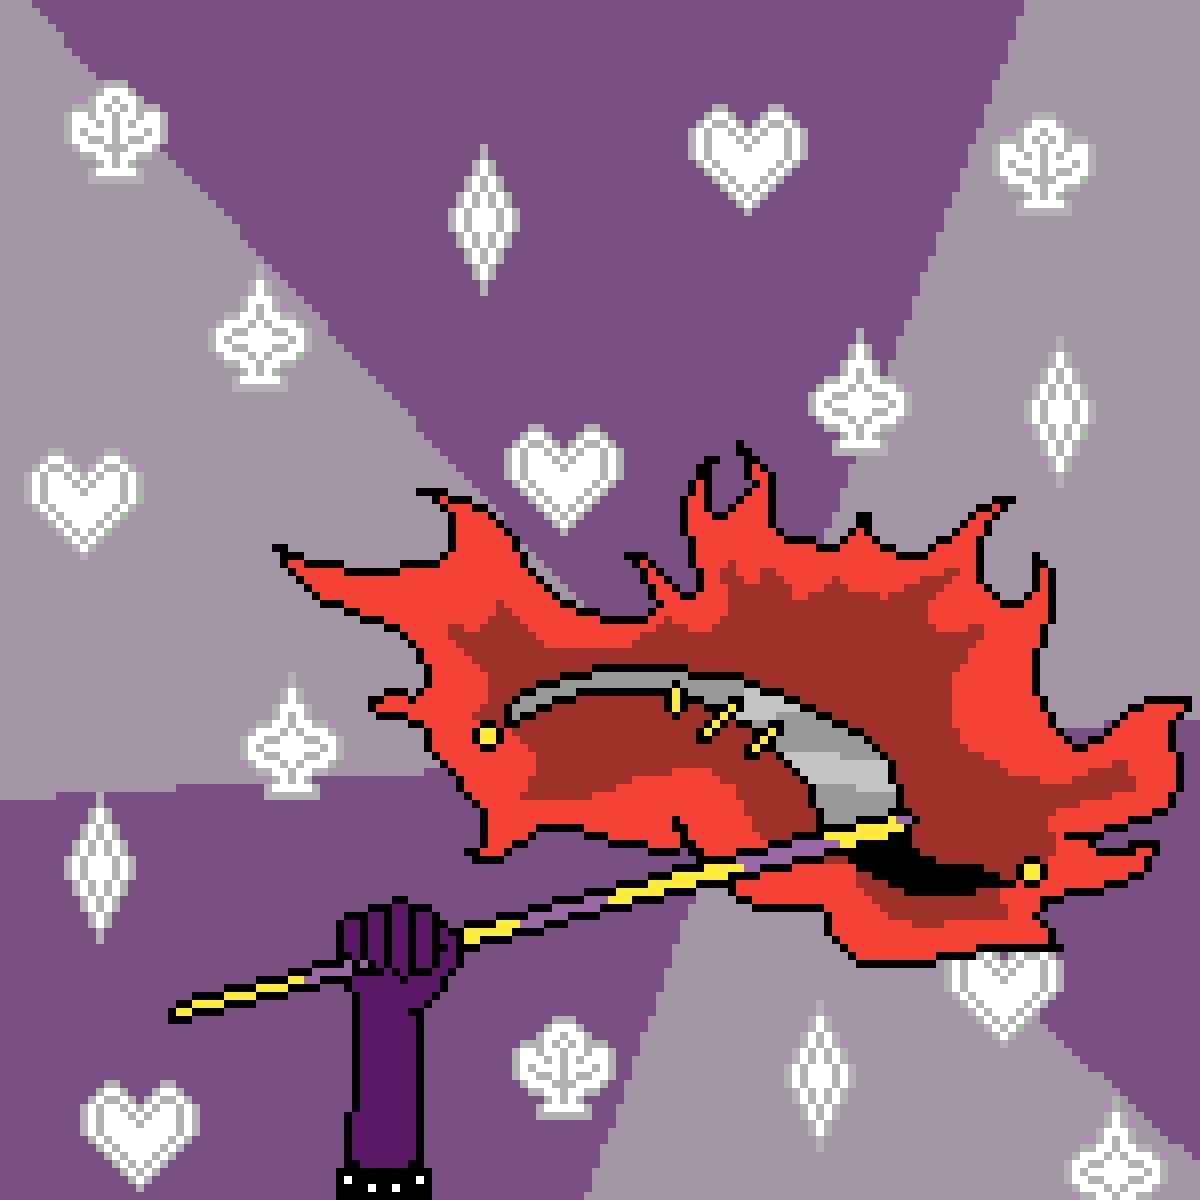 Devilsknife by PureKiwi64